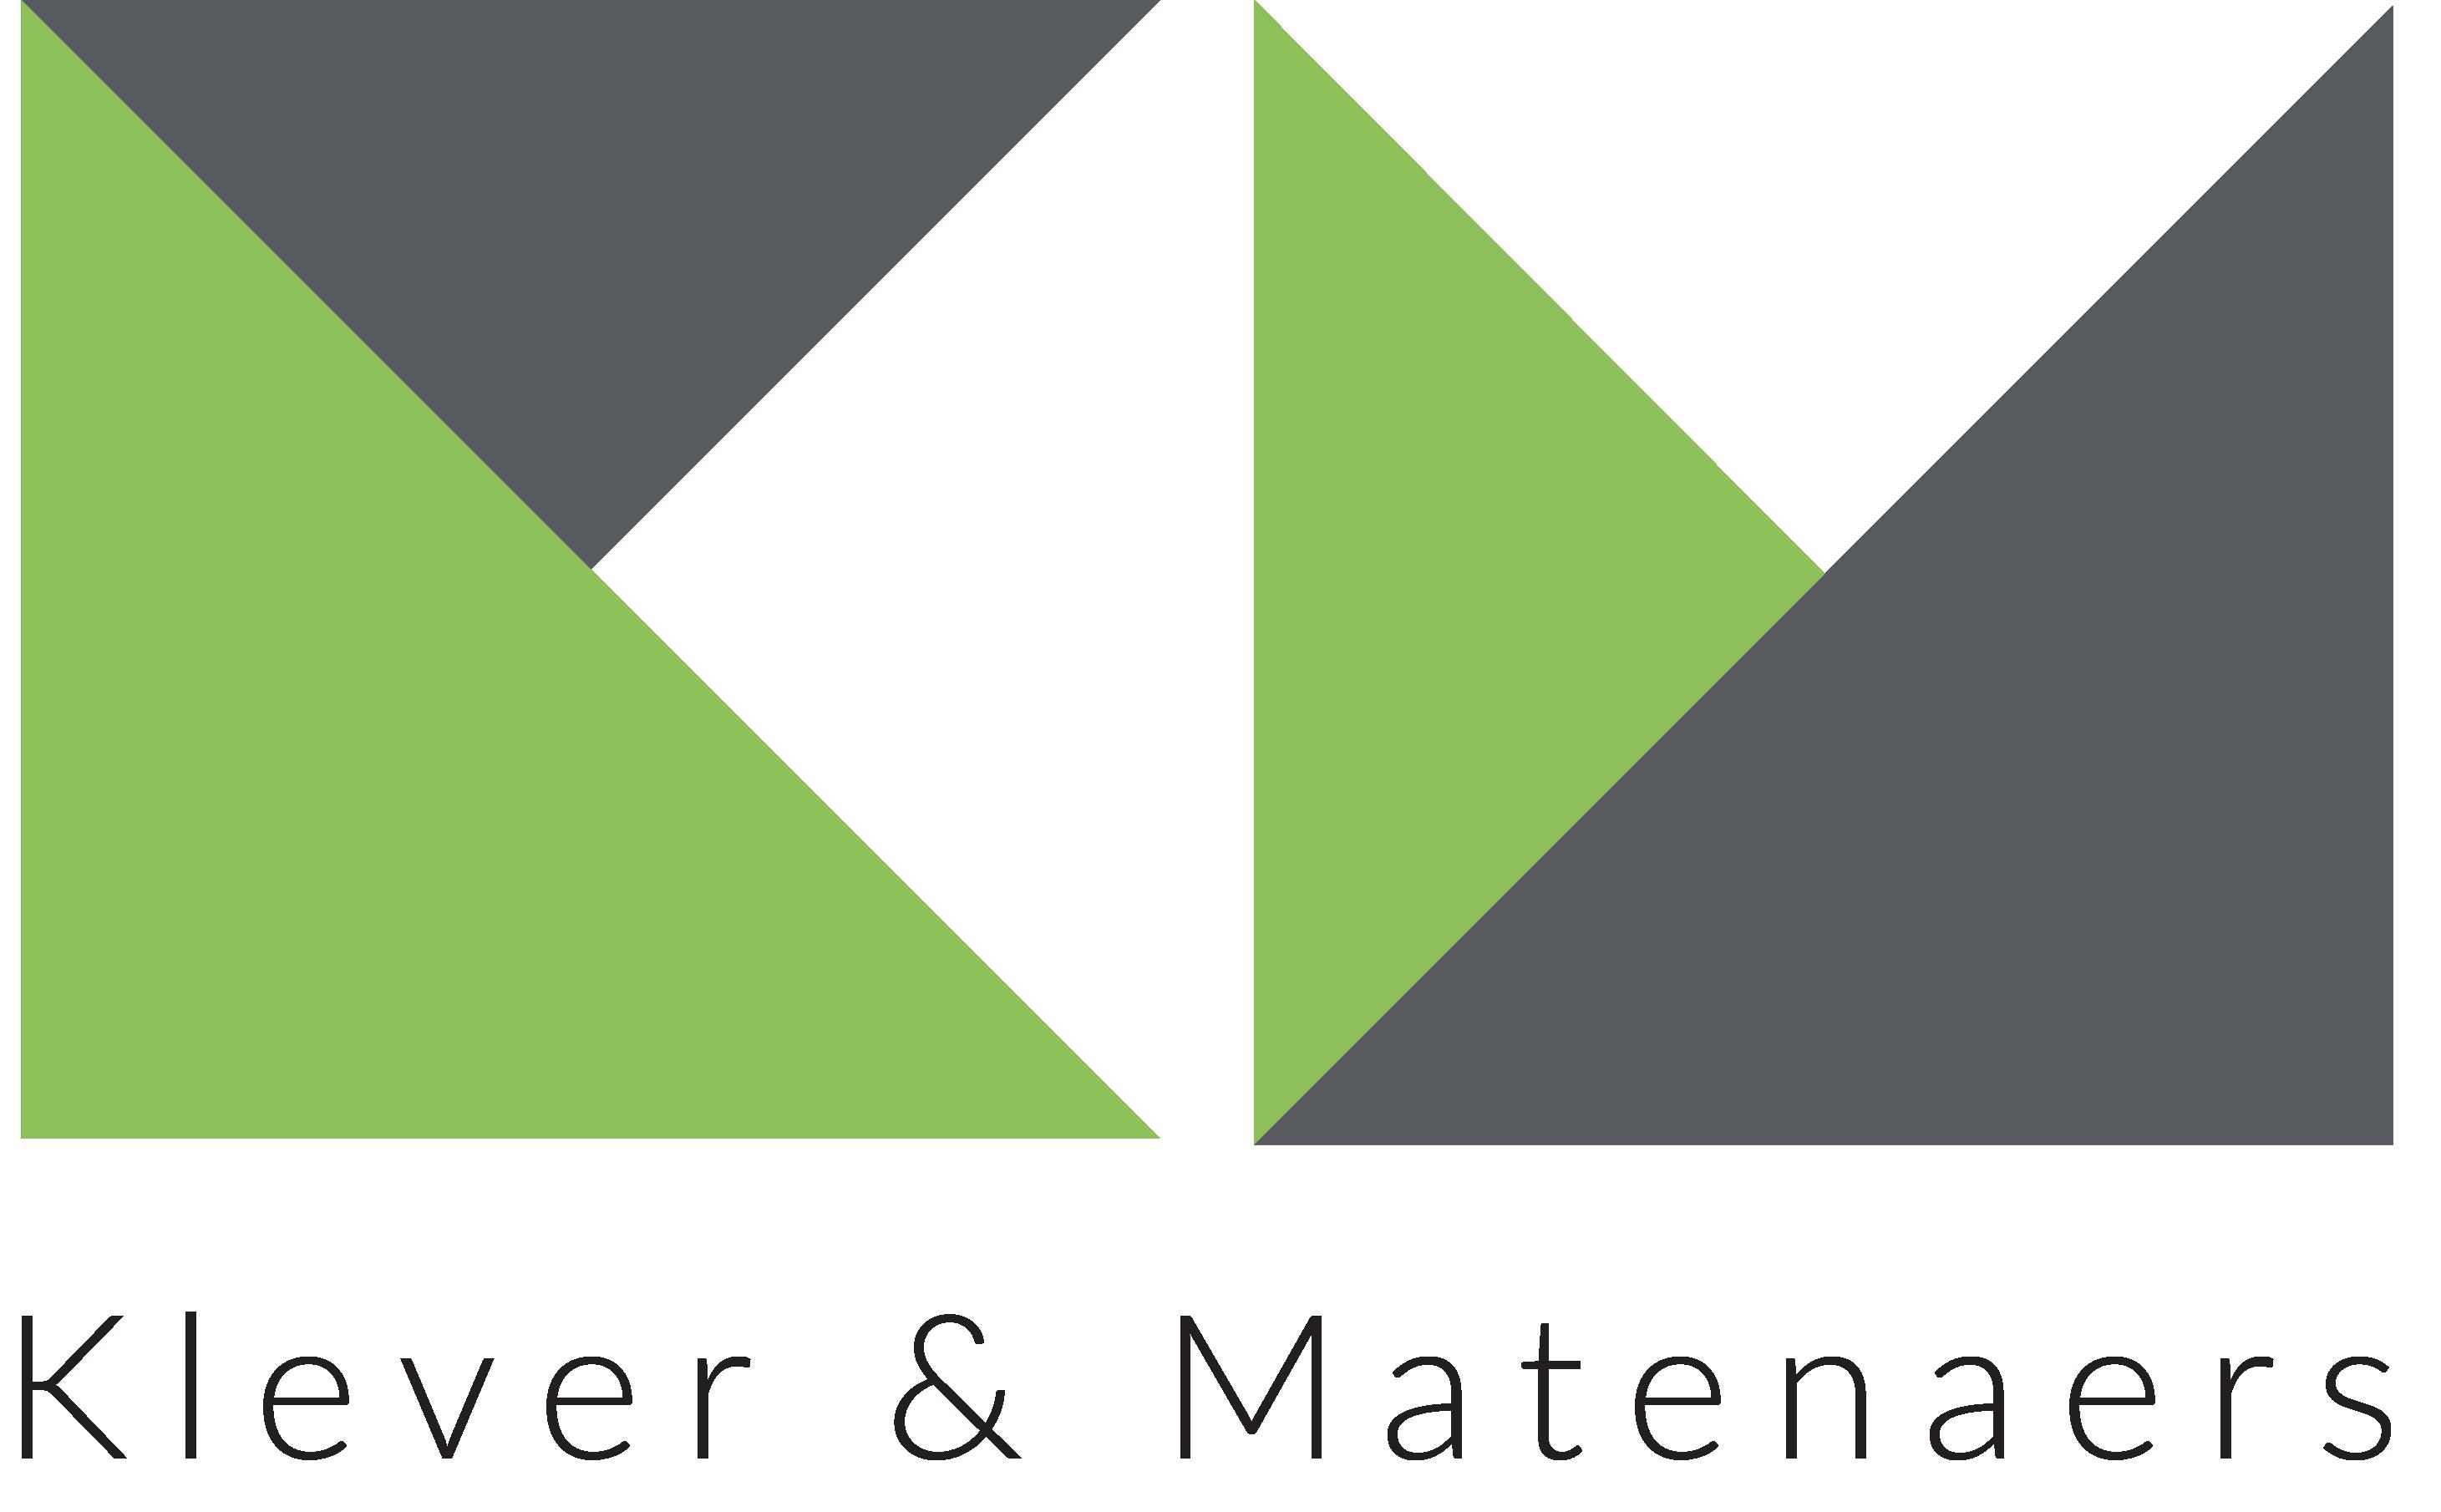 Klever & Matenaers